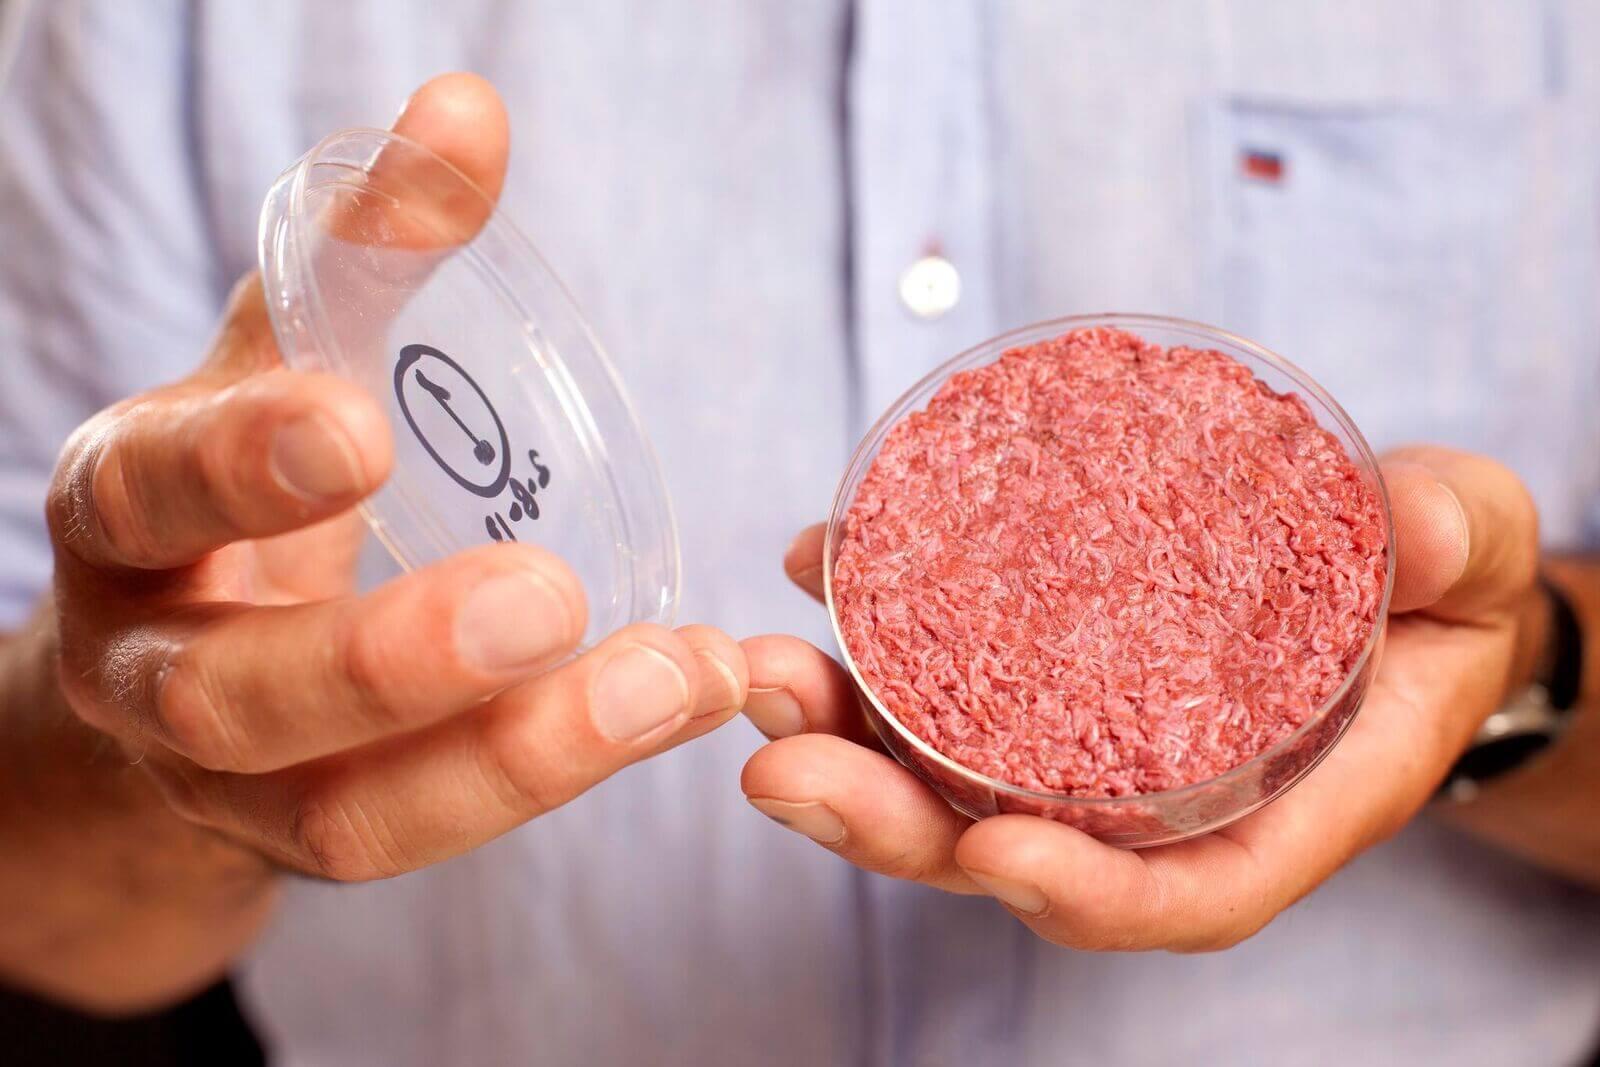 Carne sintetica: il futuro della carne?